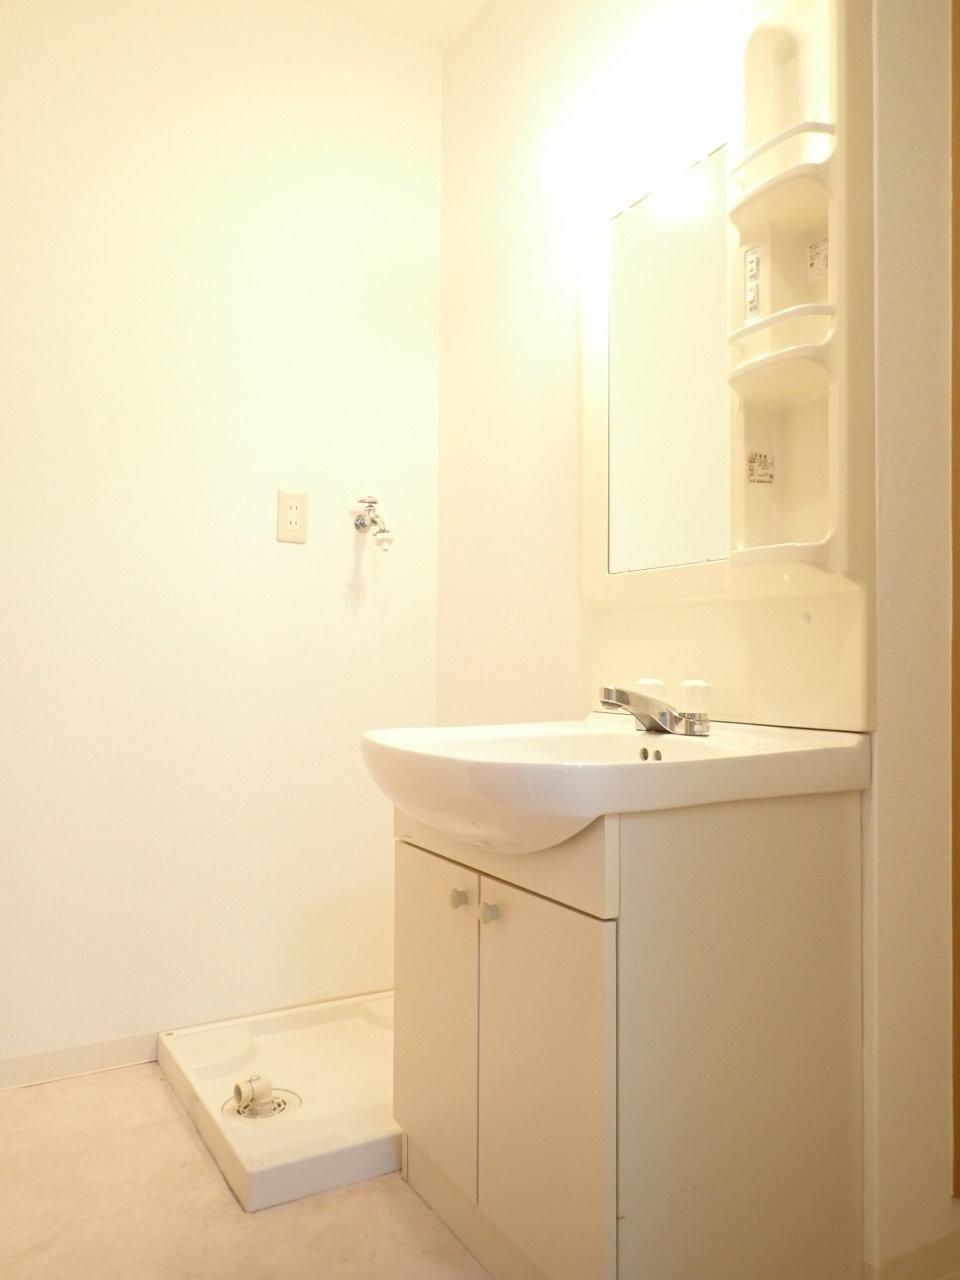 独立洗面台もあって、うれしいですね。一人暮らし、ぜいたくに空間を使ってください。